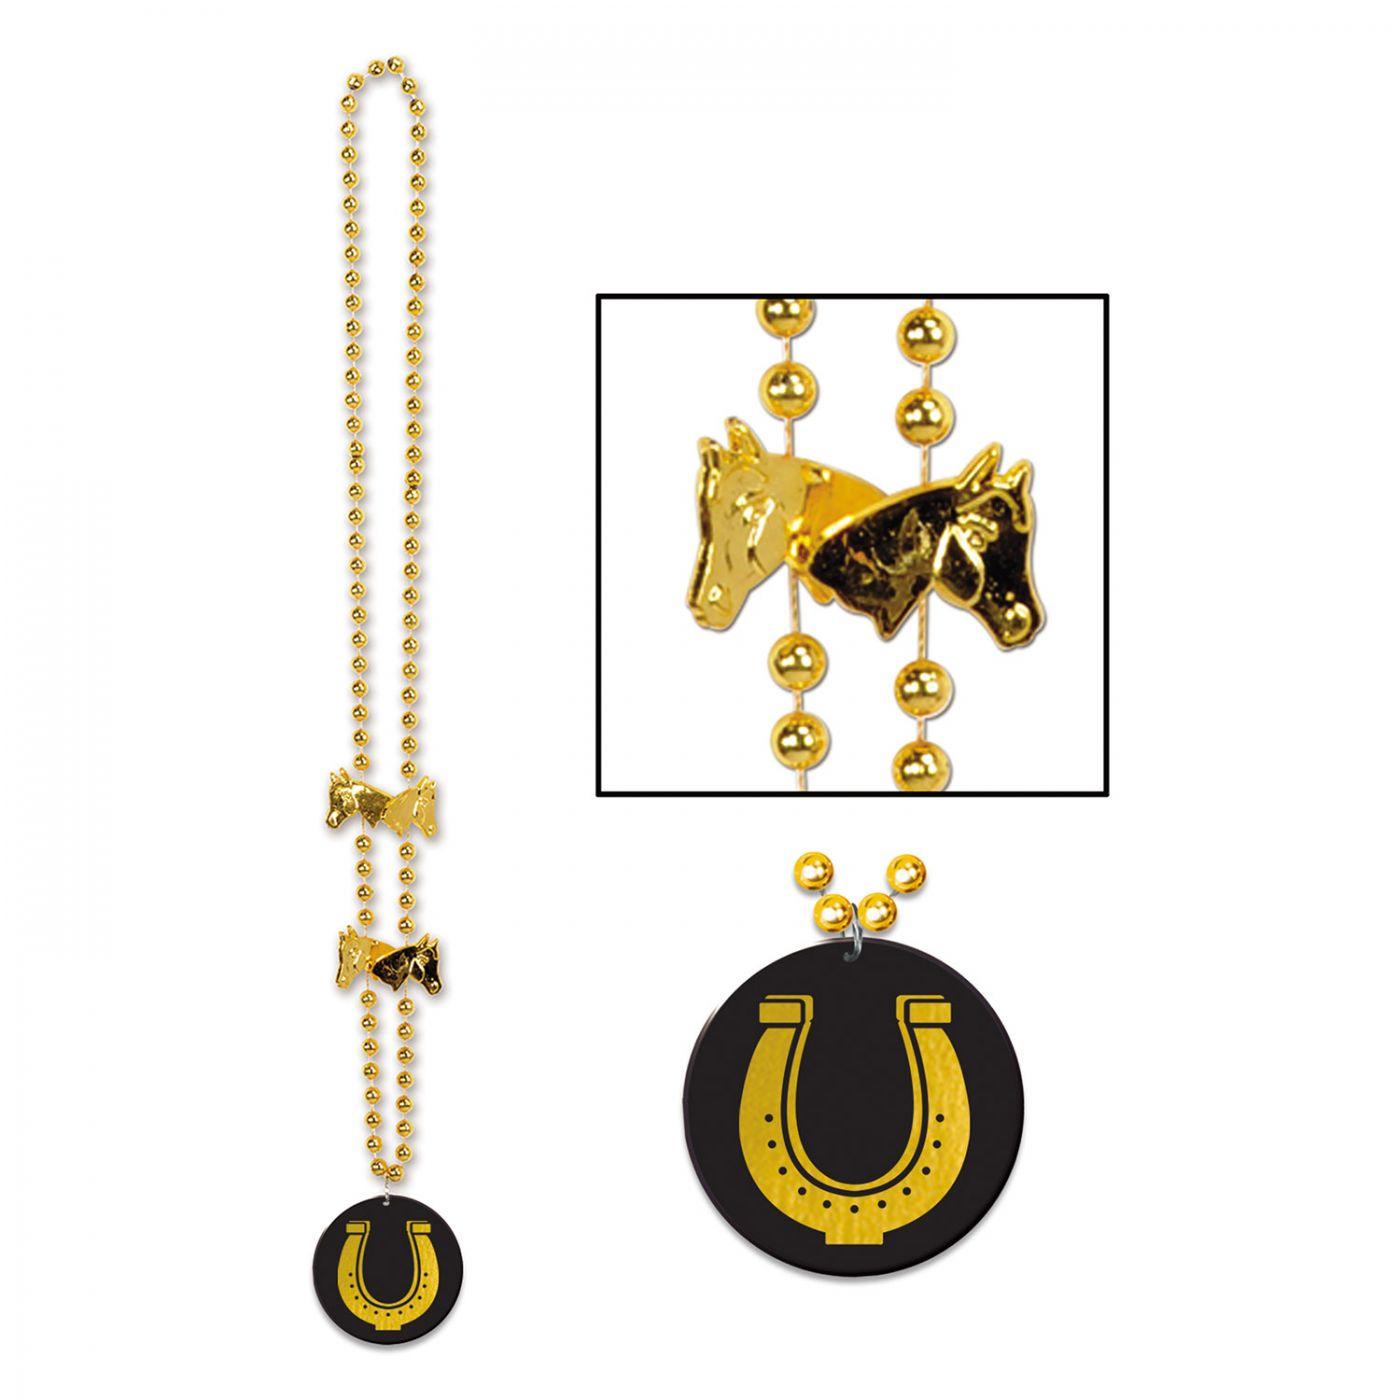 Image of Beads w/Horseshoe Medallion